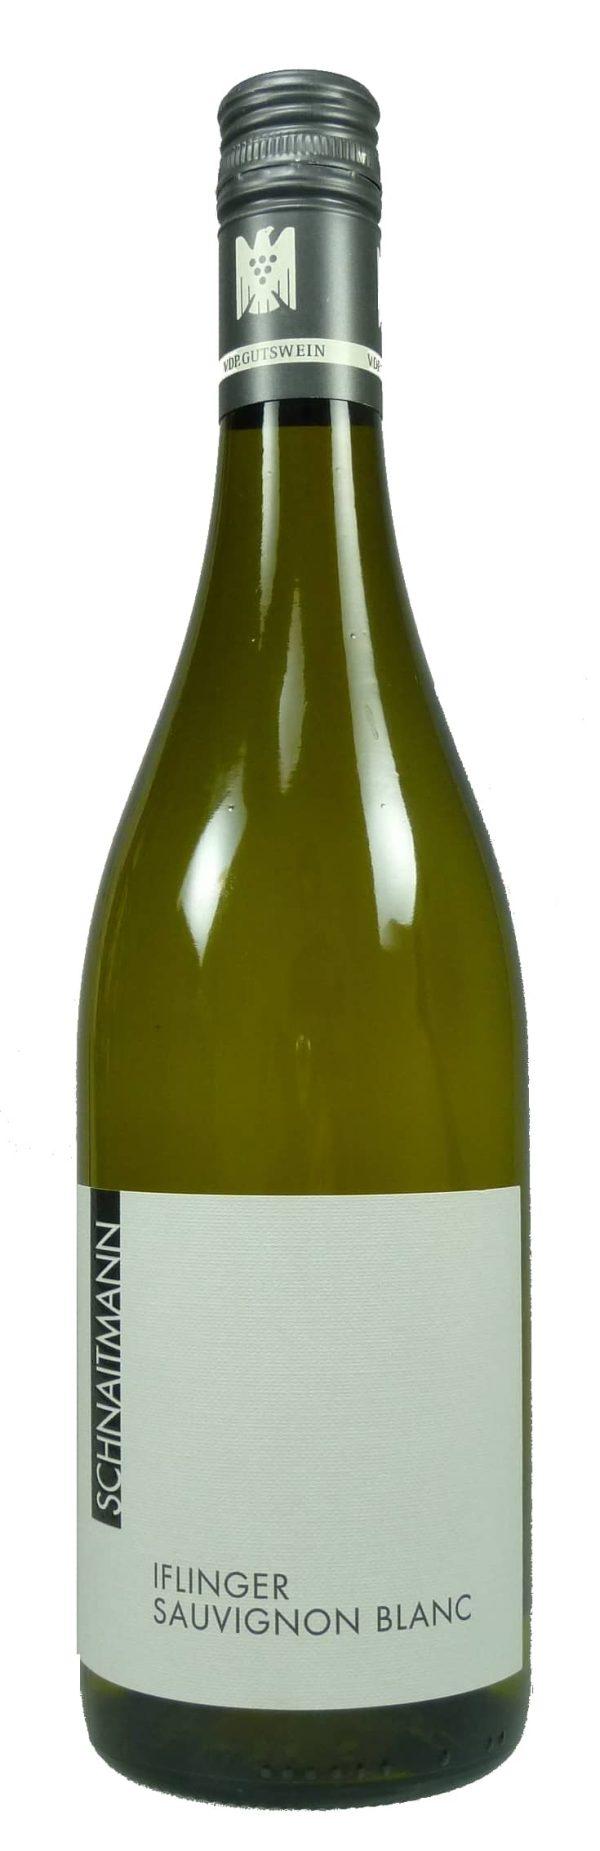 Iflinger Sauvignon blanc Qualitätswein trocken 2016